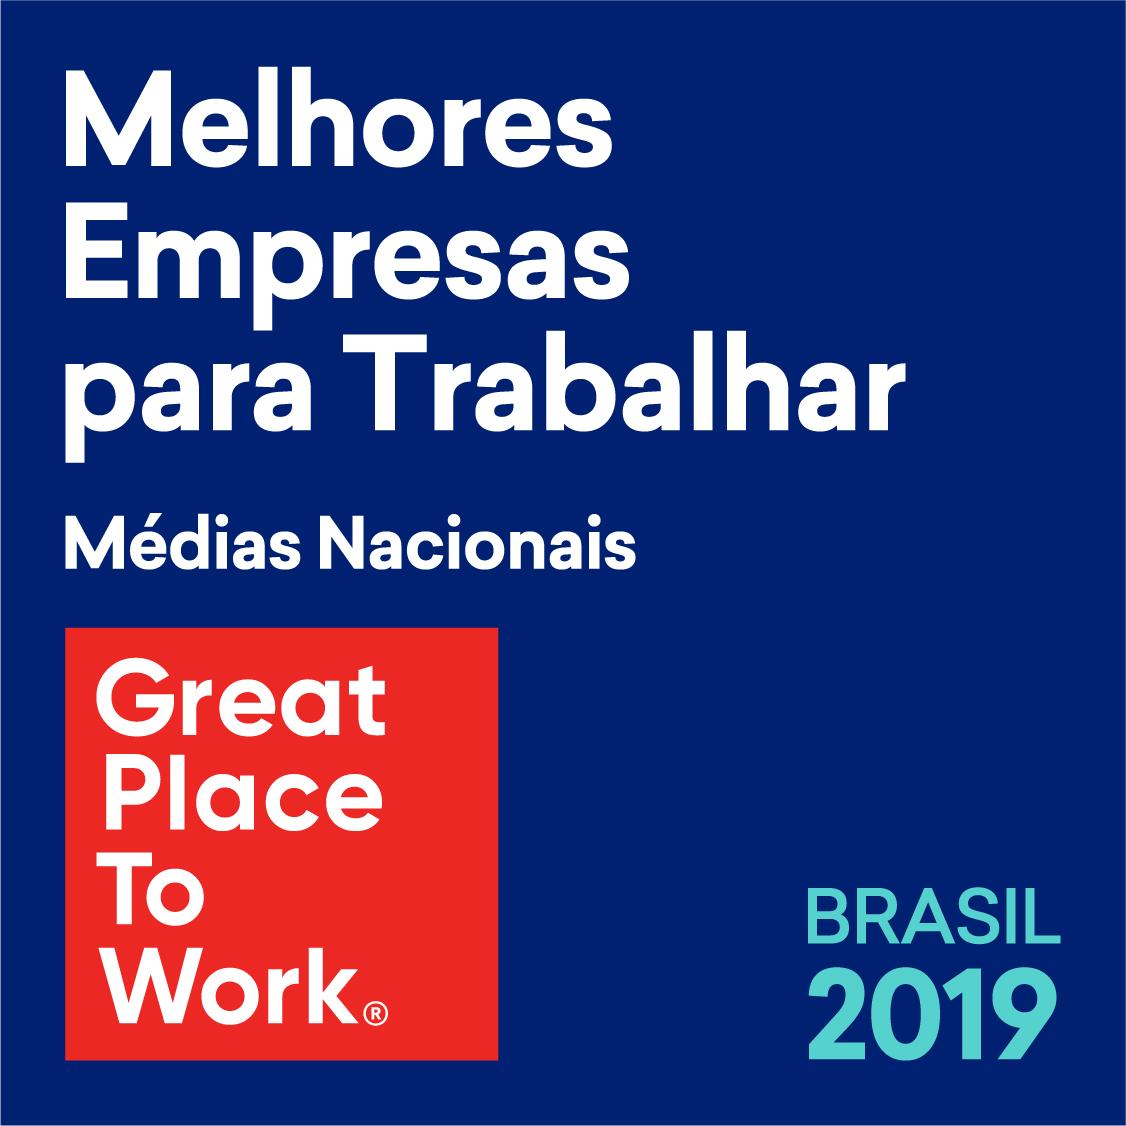 Melhores Empresas para Trabalhar Brasil 2019